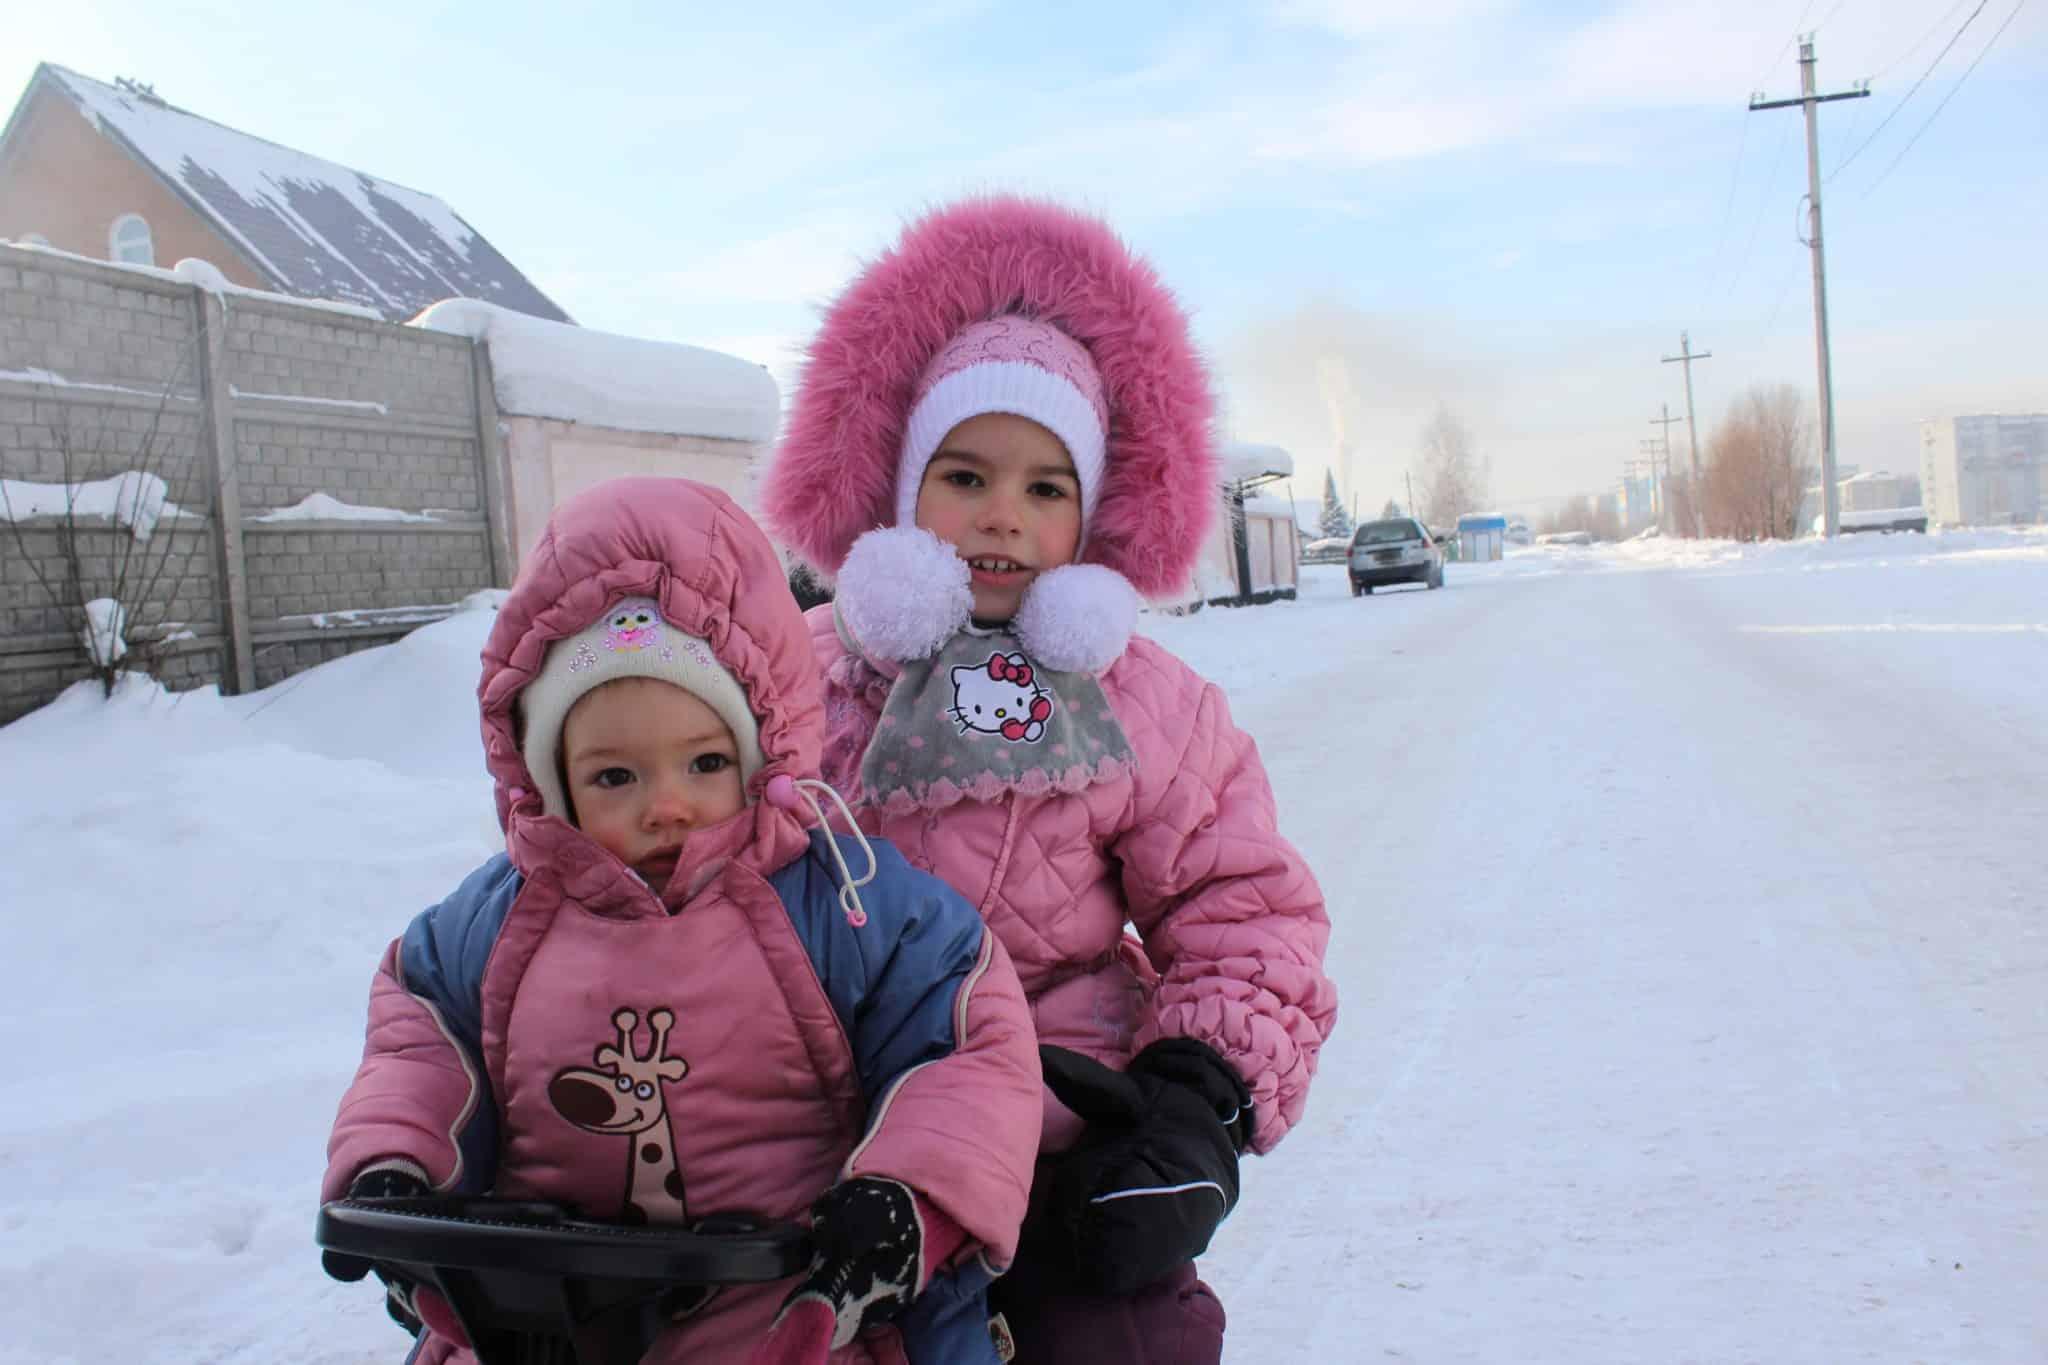 Russian girls in winter